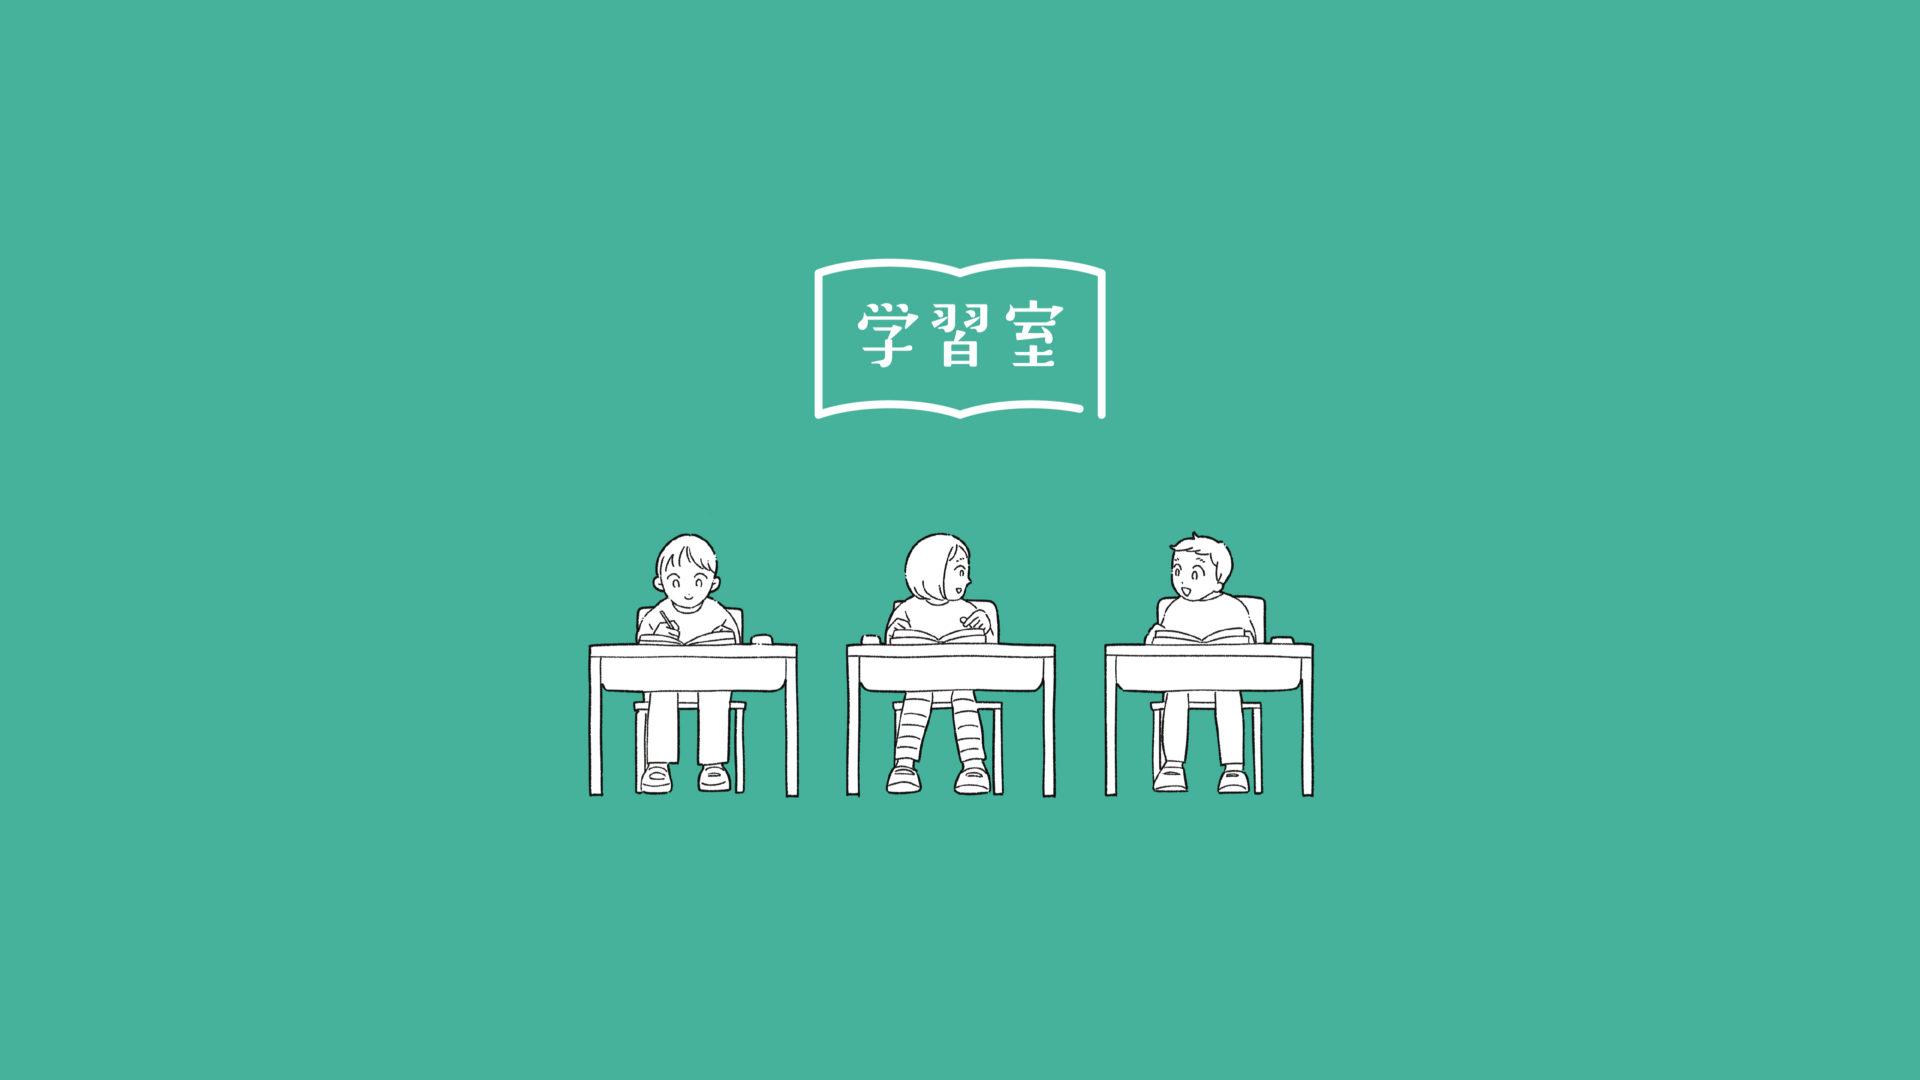 イメージ画像:学習室